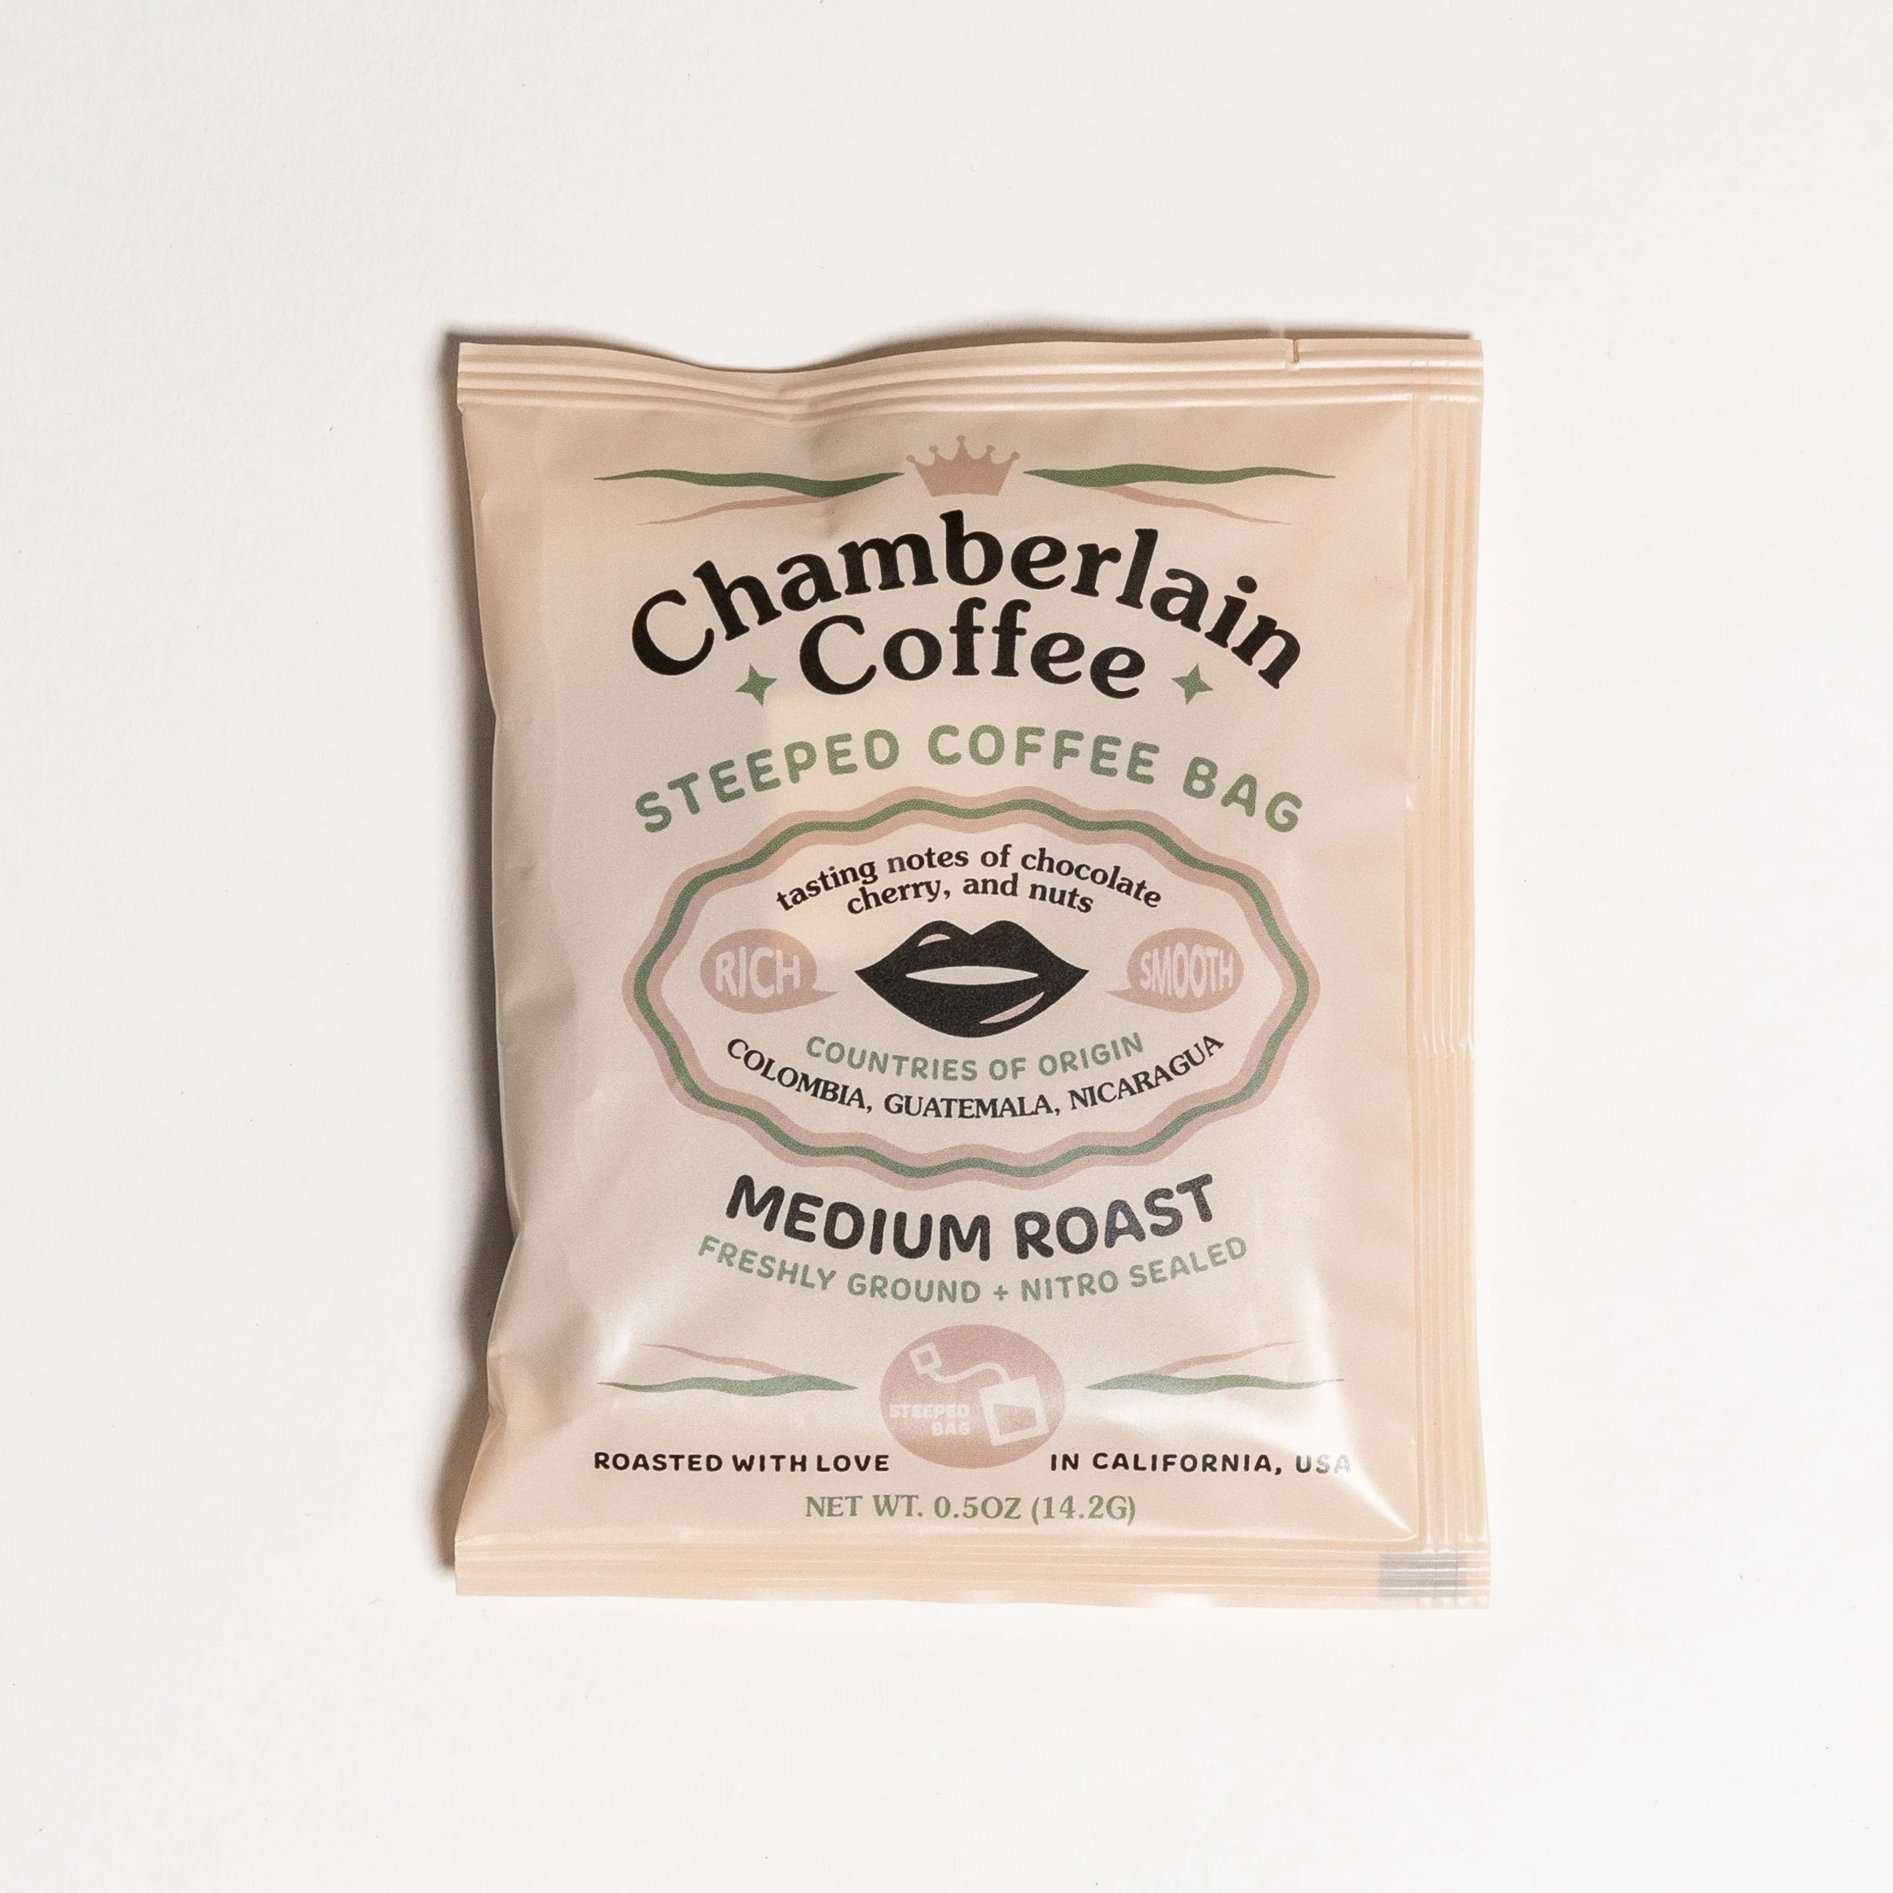 Chamberlain Coffee Steeped Coffee Bags